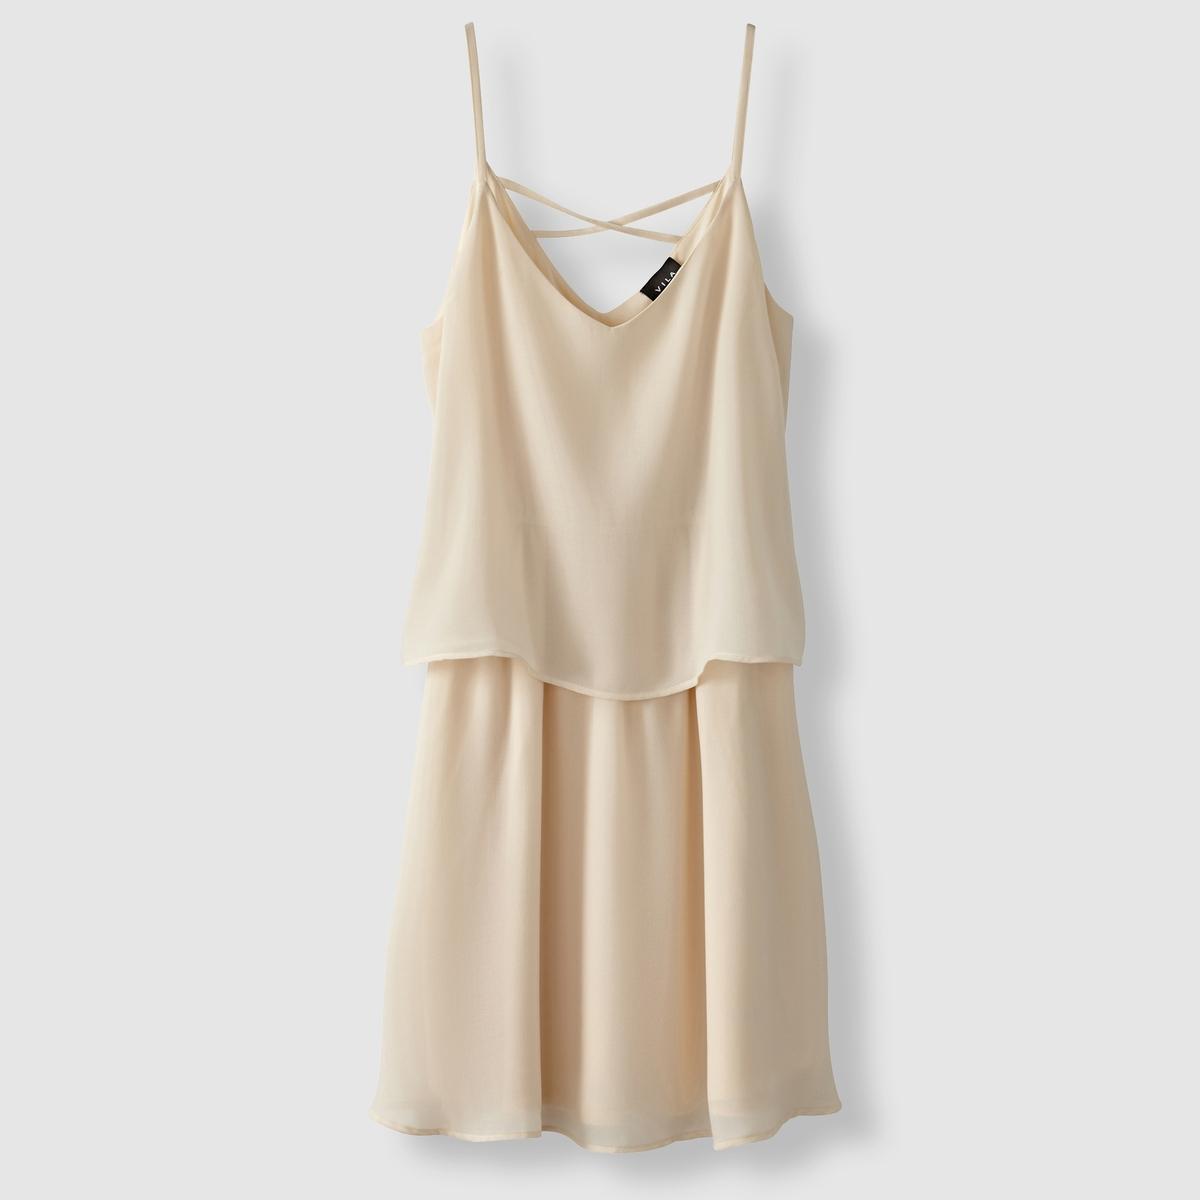 Платье 2 в 1, без рукавов, V-образный вырез, VILA VISORA DRESS